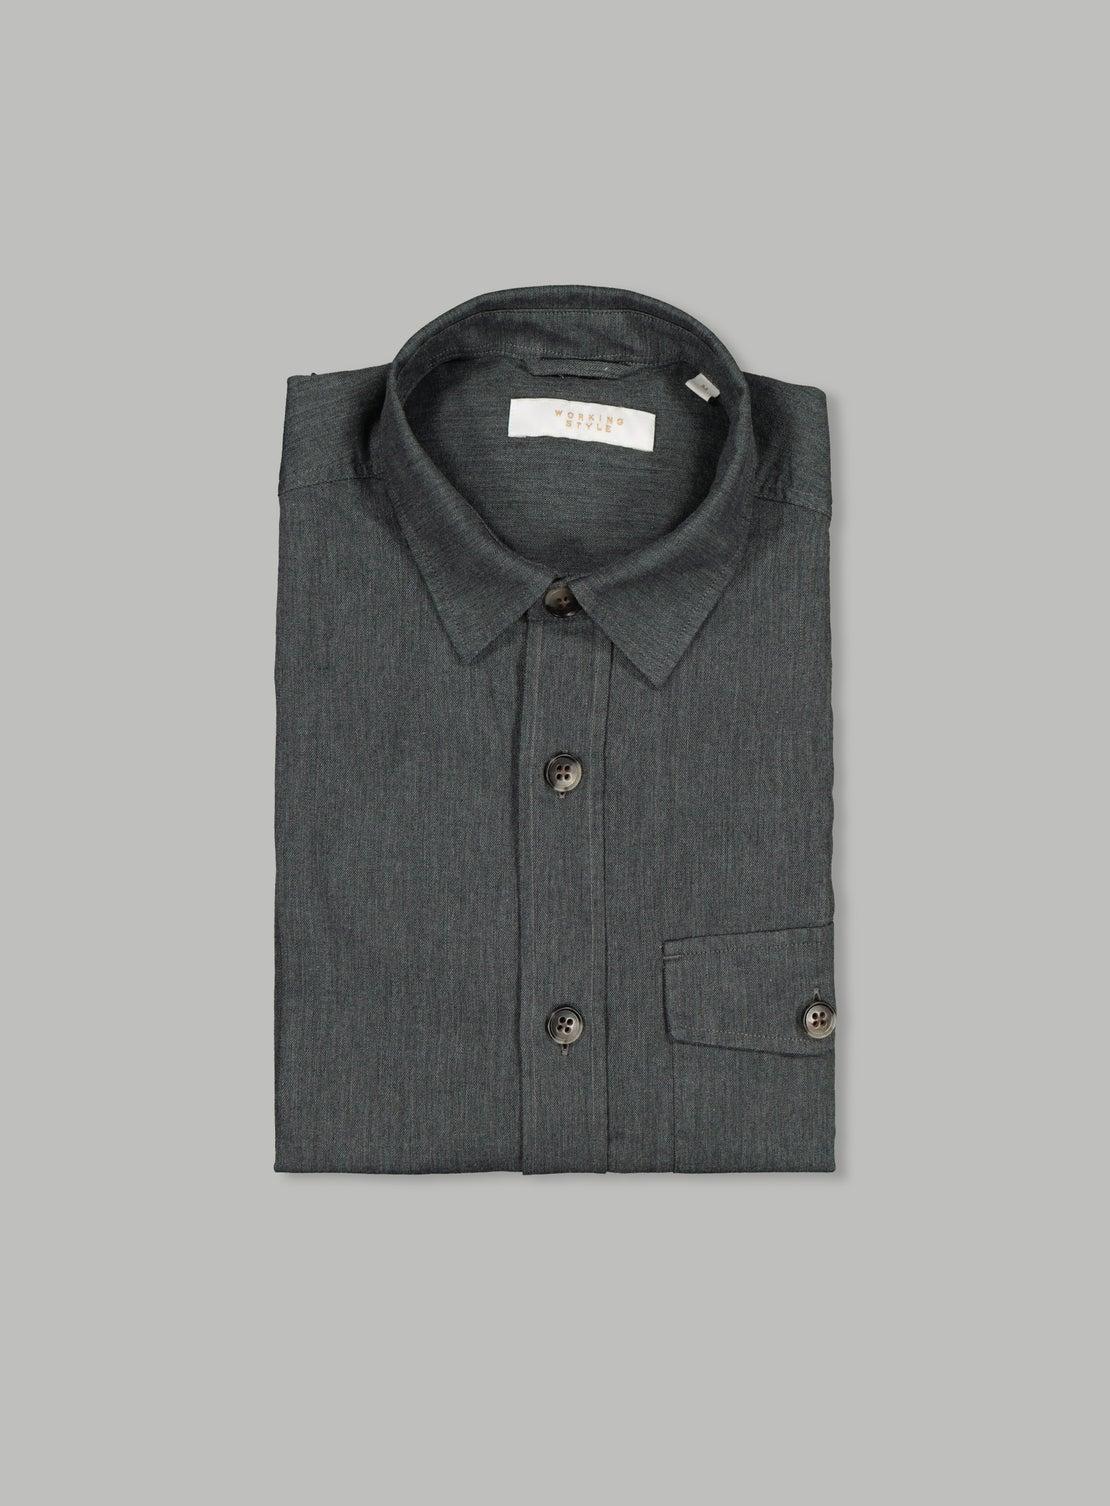 Plain Grey Pocket Shirt